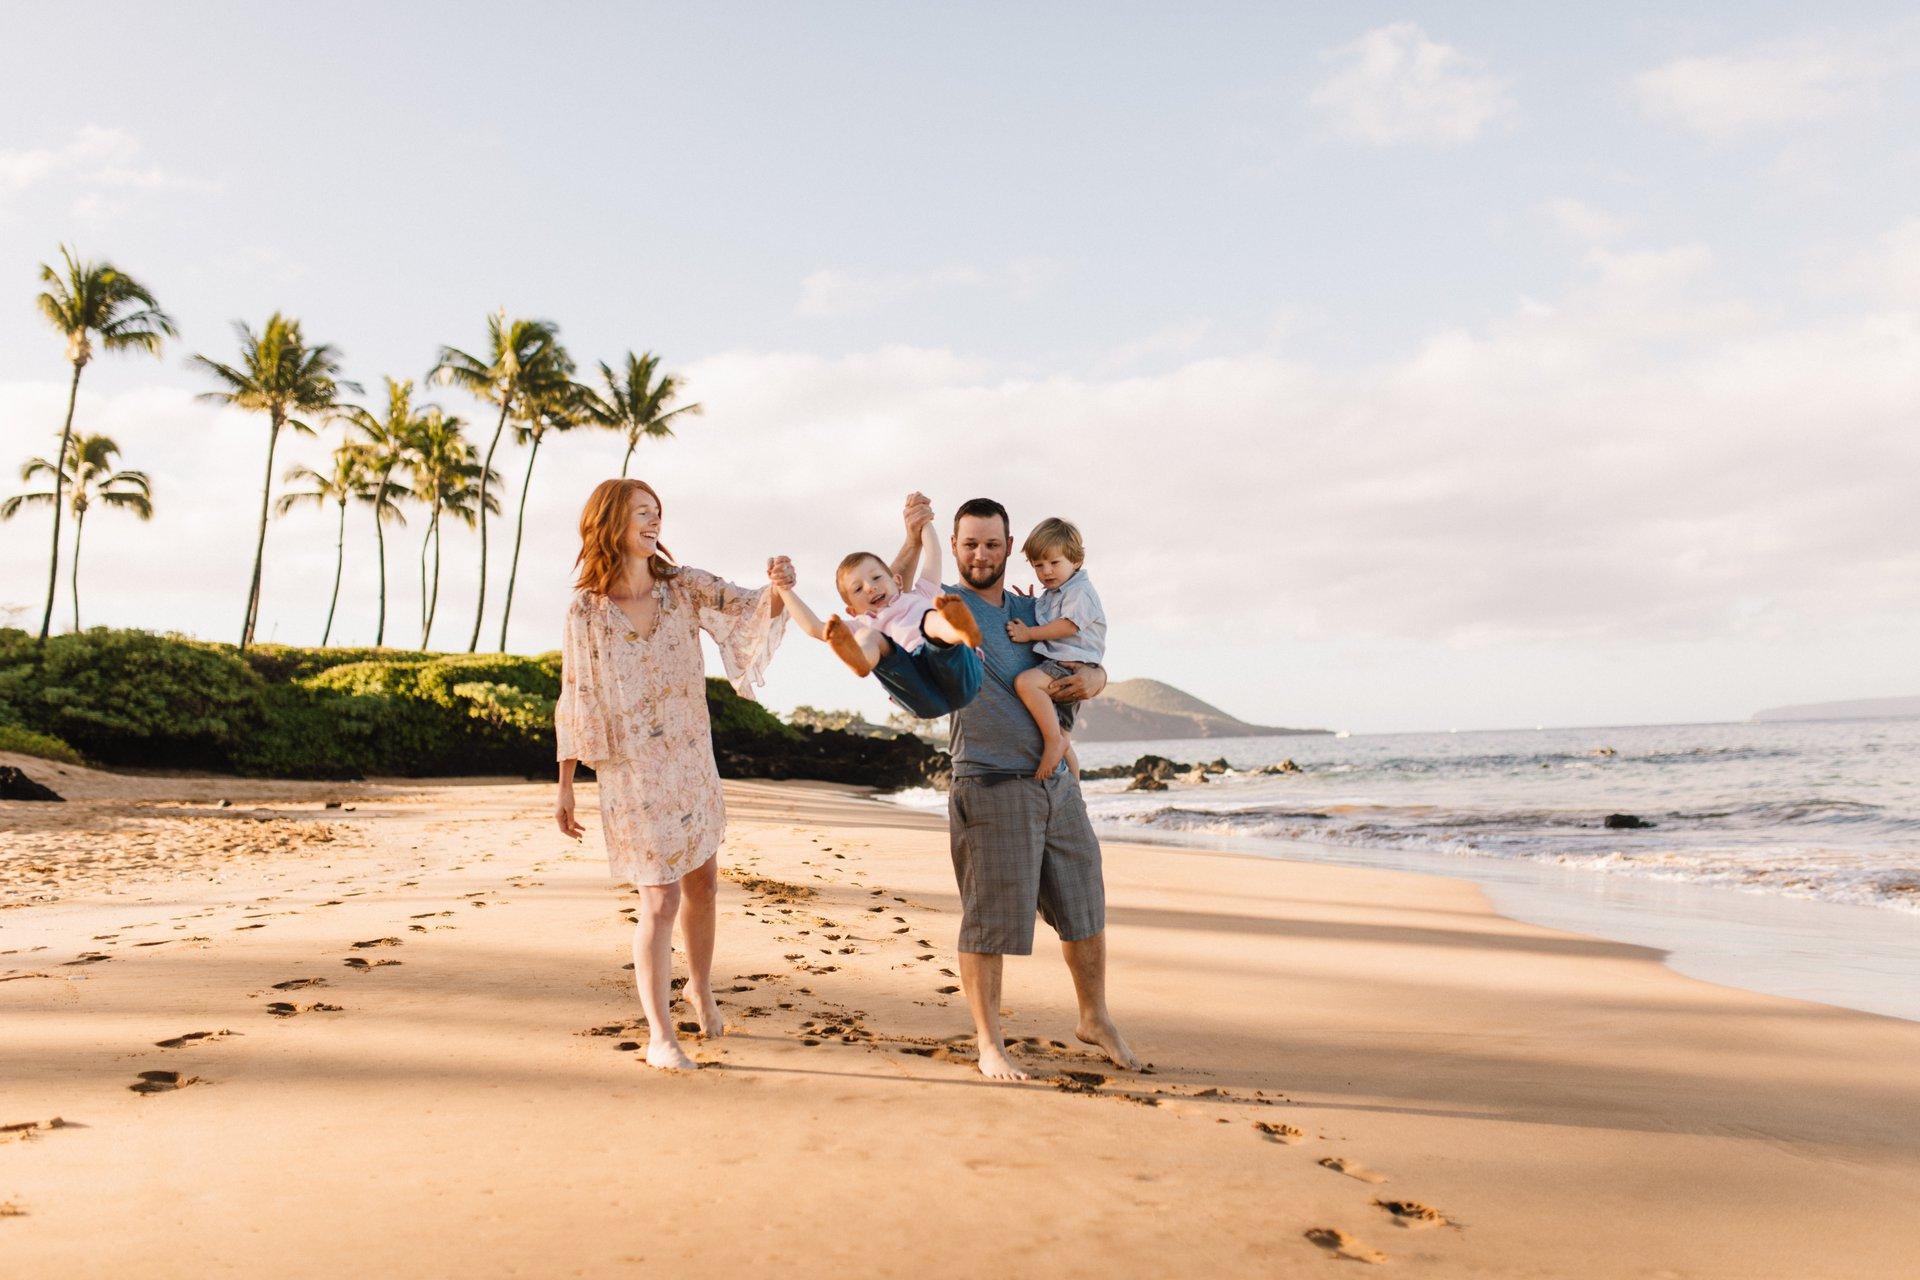 Flytographer Travel Story - Ohana Vacation in Maui